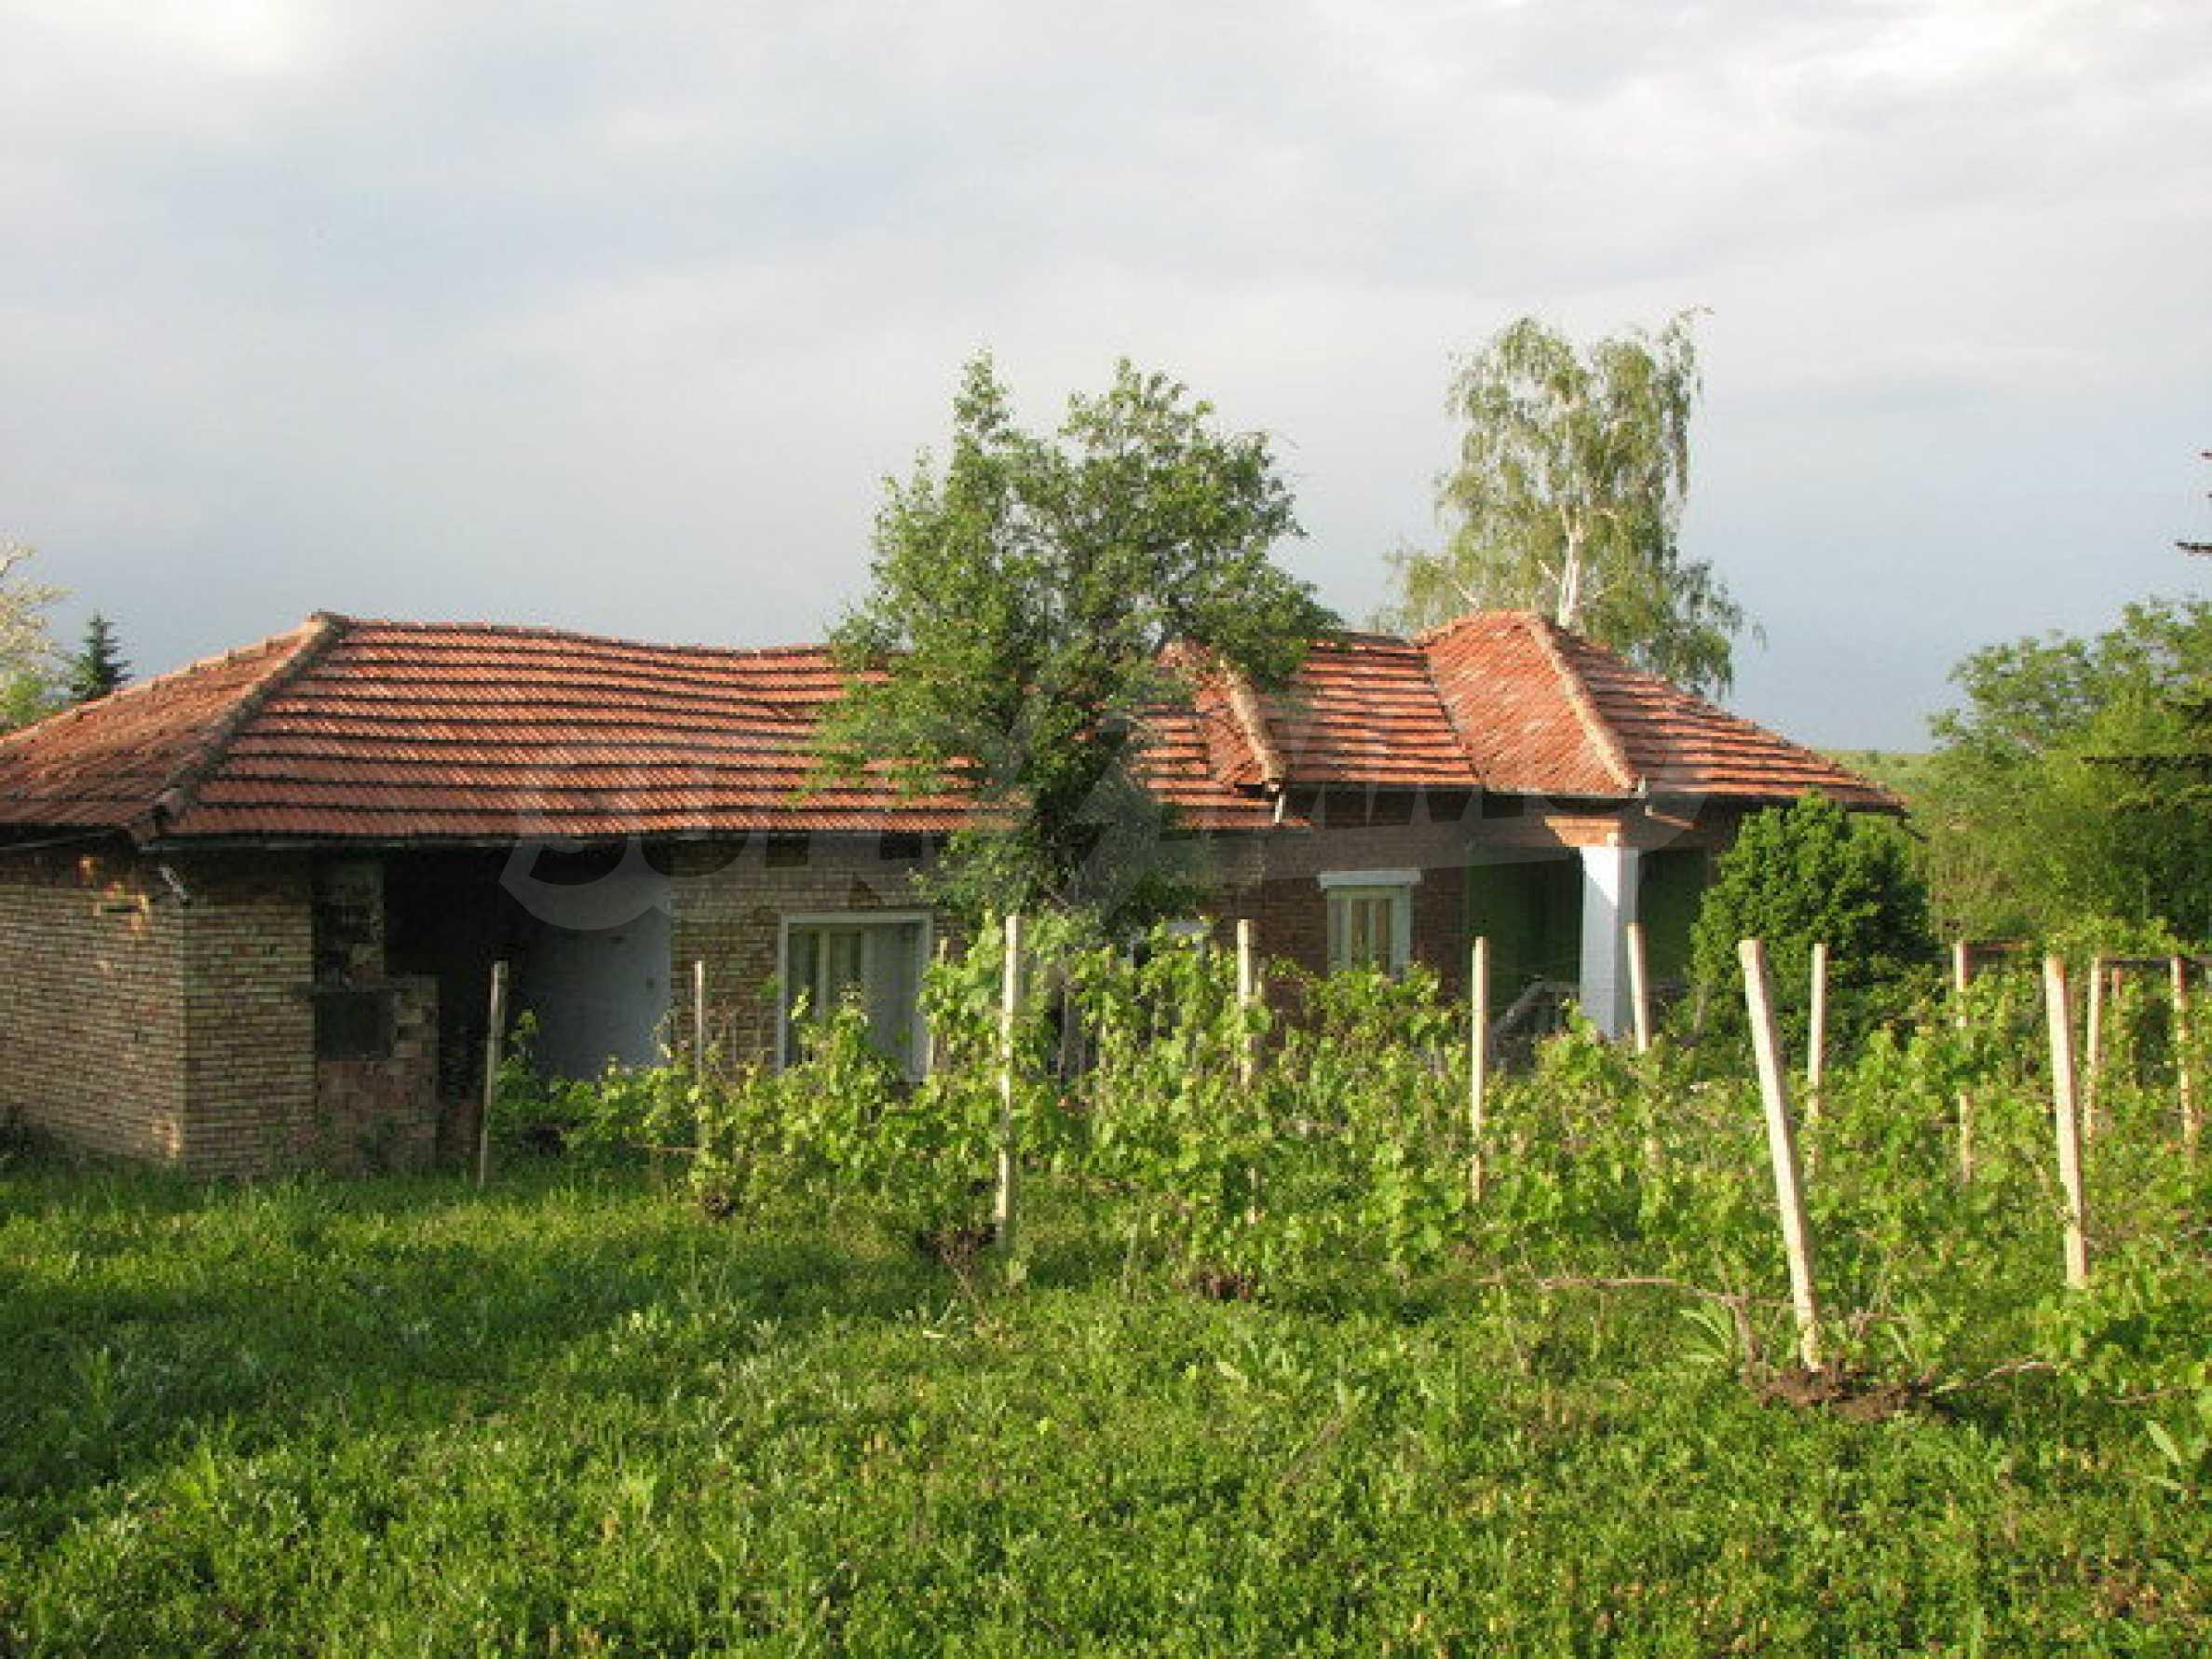 Backsteingebäude mit großem Garten